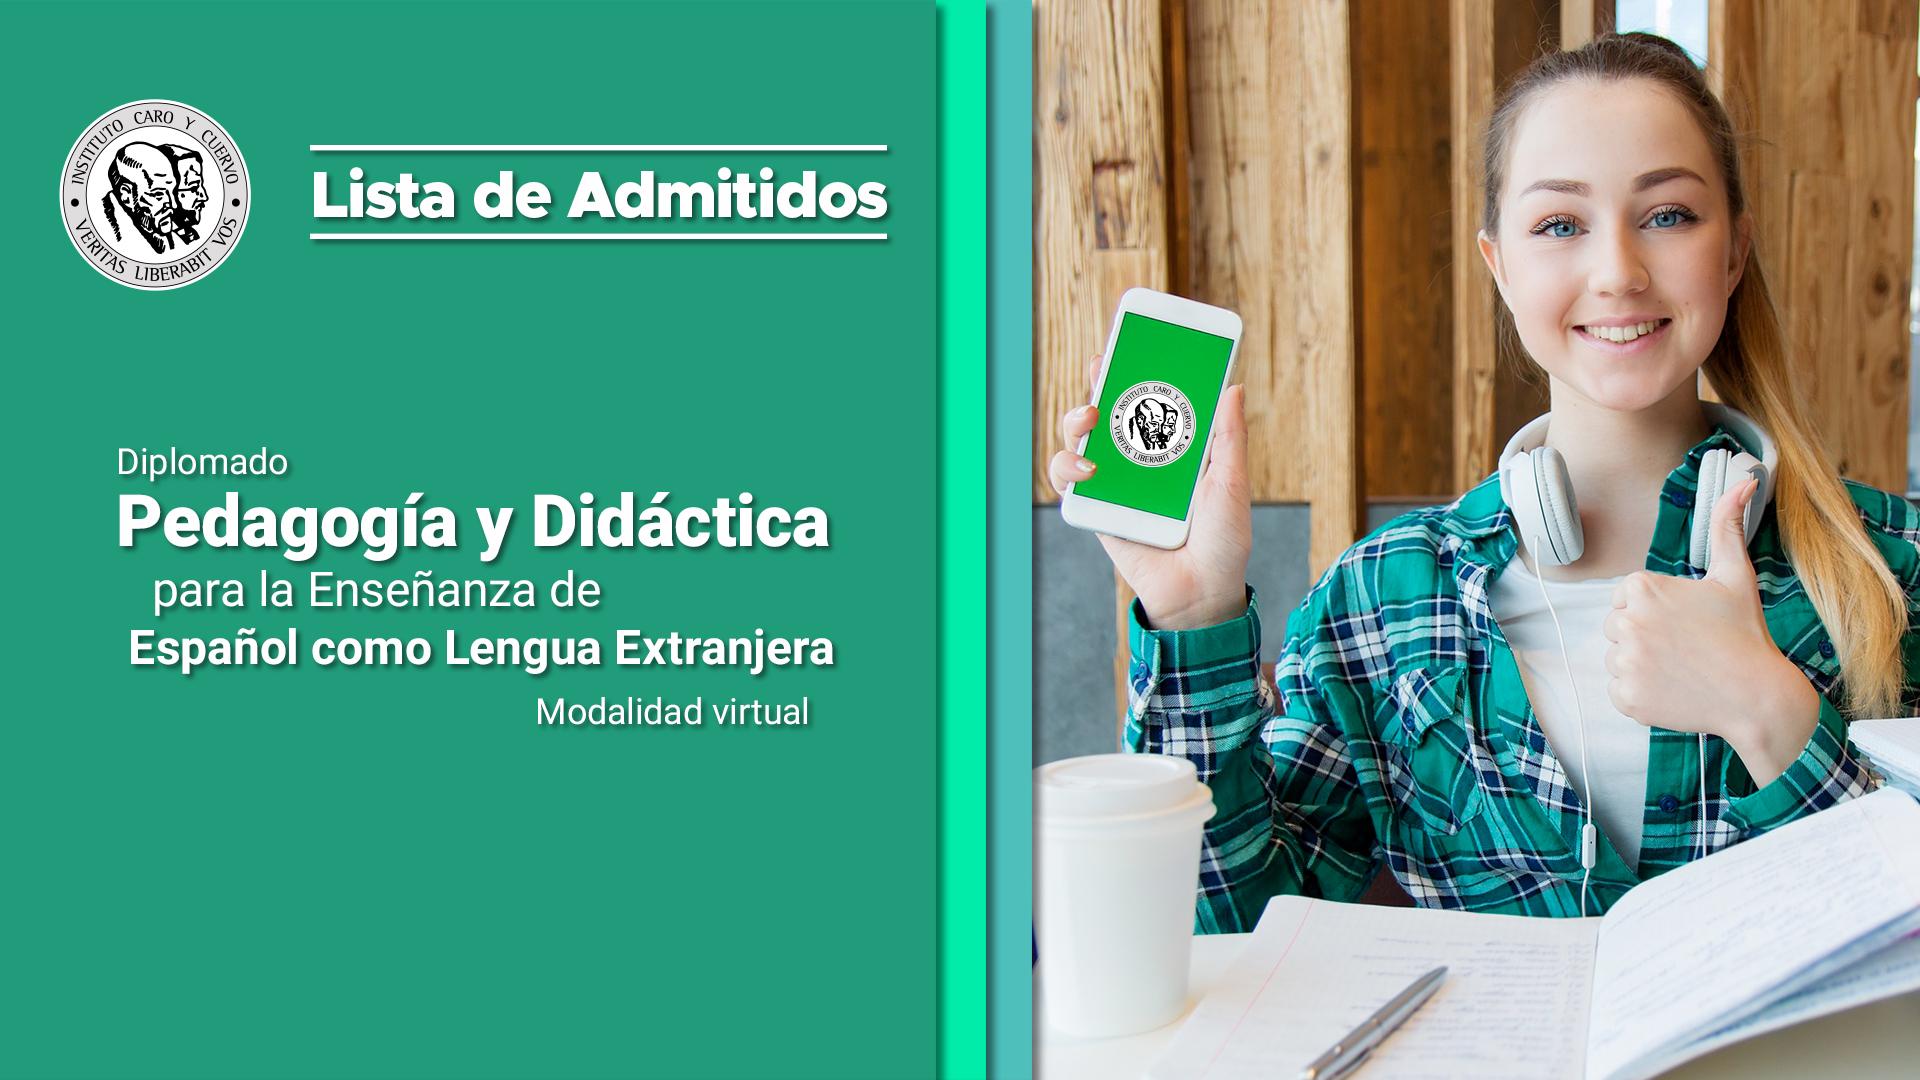 Pedagogía y Didáctica para la Enseñanza de Español como Lengua Extranjera - Modalidad virtual - 2020-I - Listado de admitidos